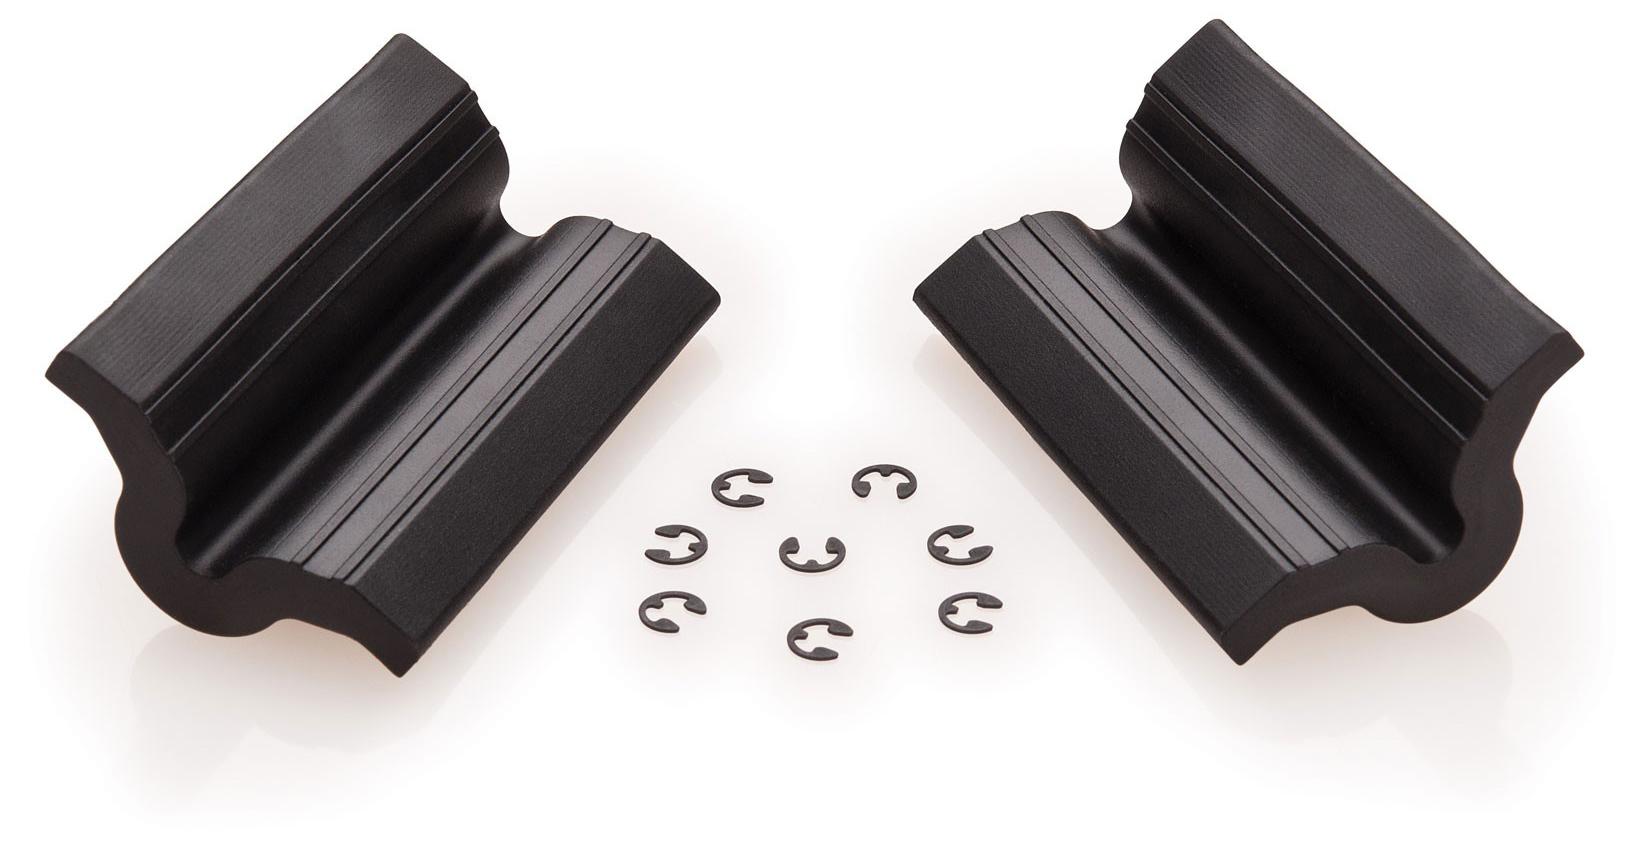 Аксессуар Parktool губки для зажимов (PTL1185K) аксессуар parktool сменная щетина для gsc 1c ptlgsc 2